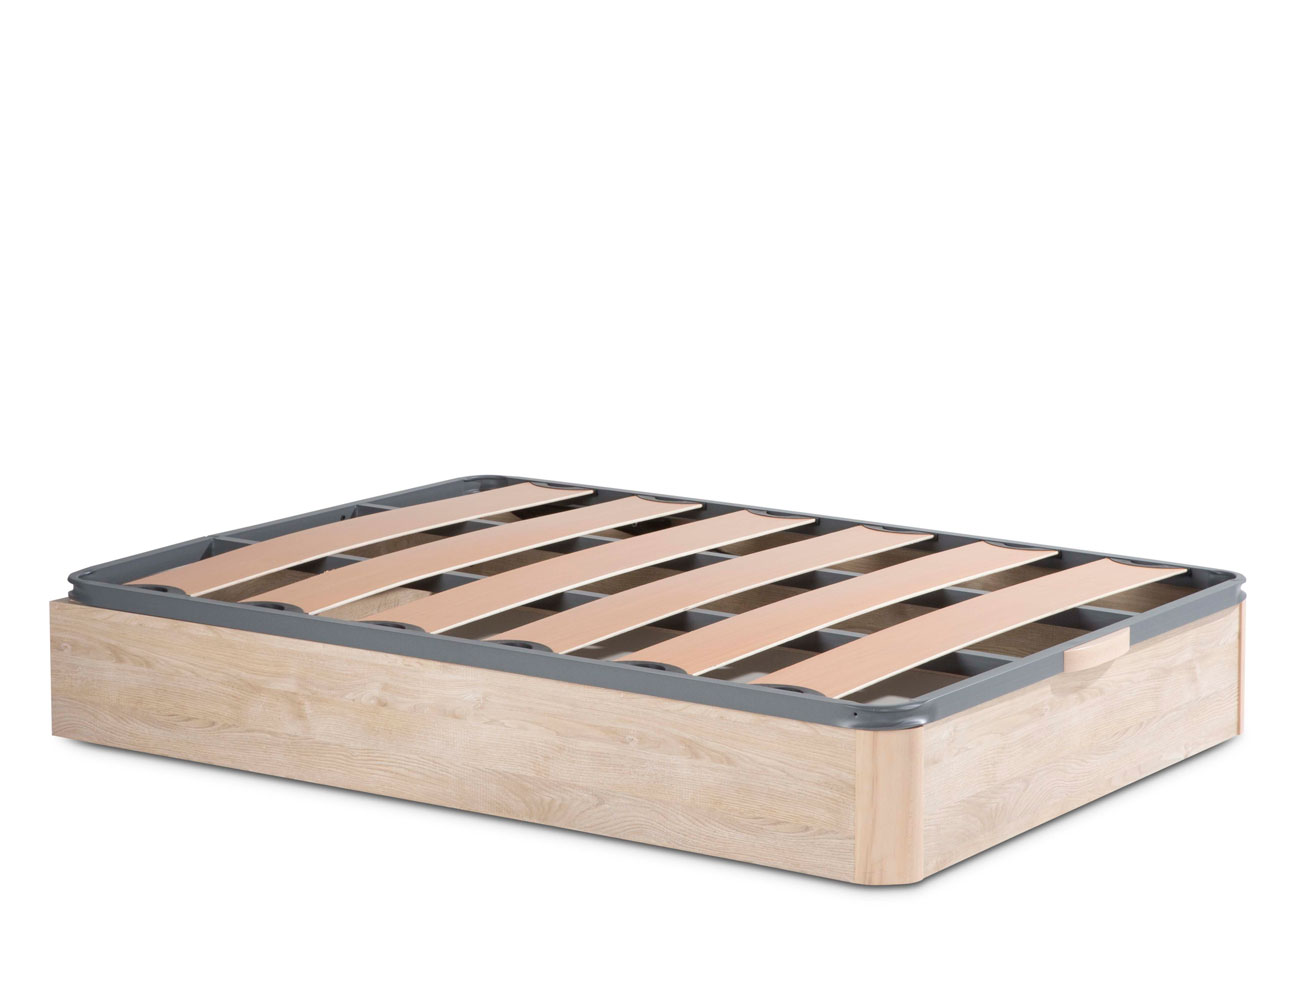 Canape madera somier laminas pvc 7814